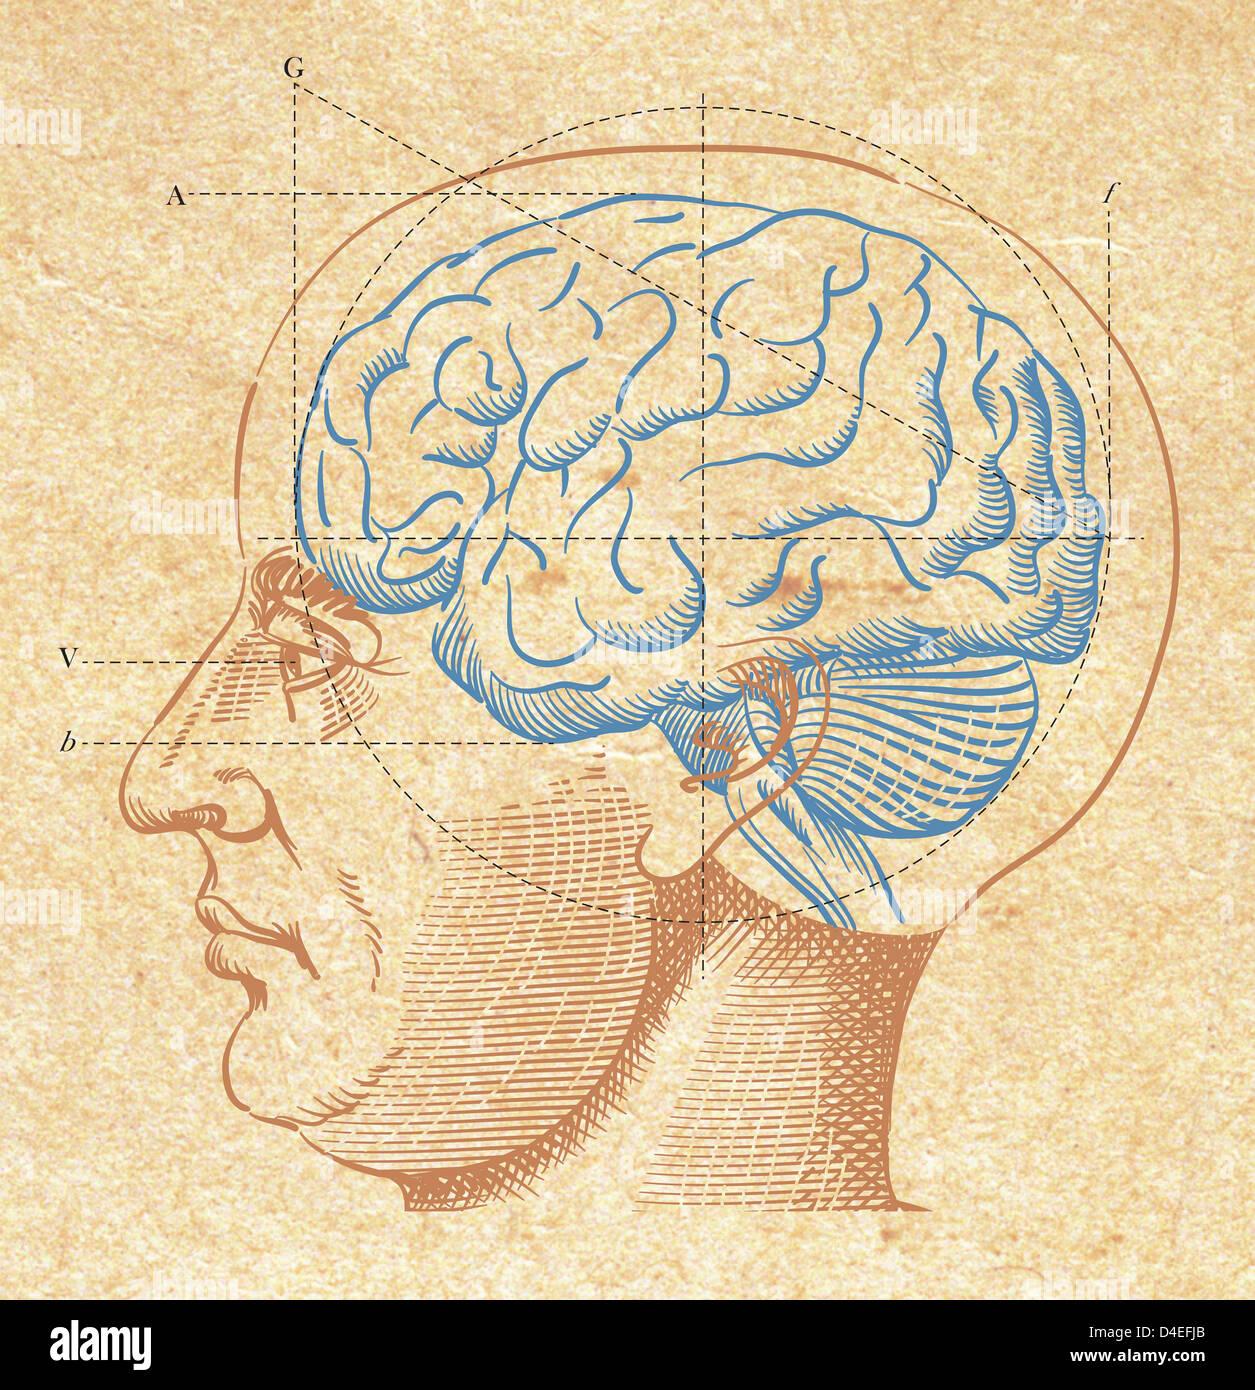 Un diagrama del cerebro humano Imagen De Stock